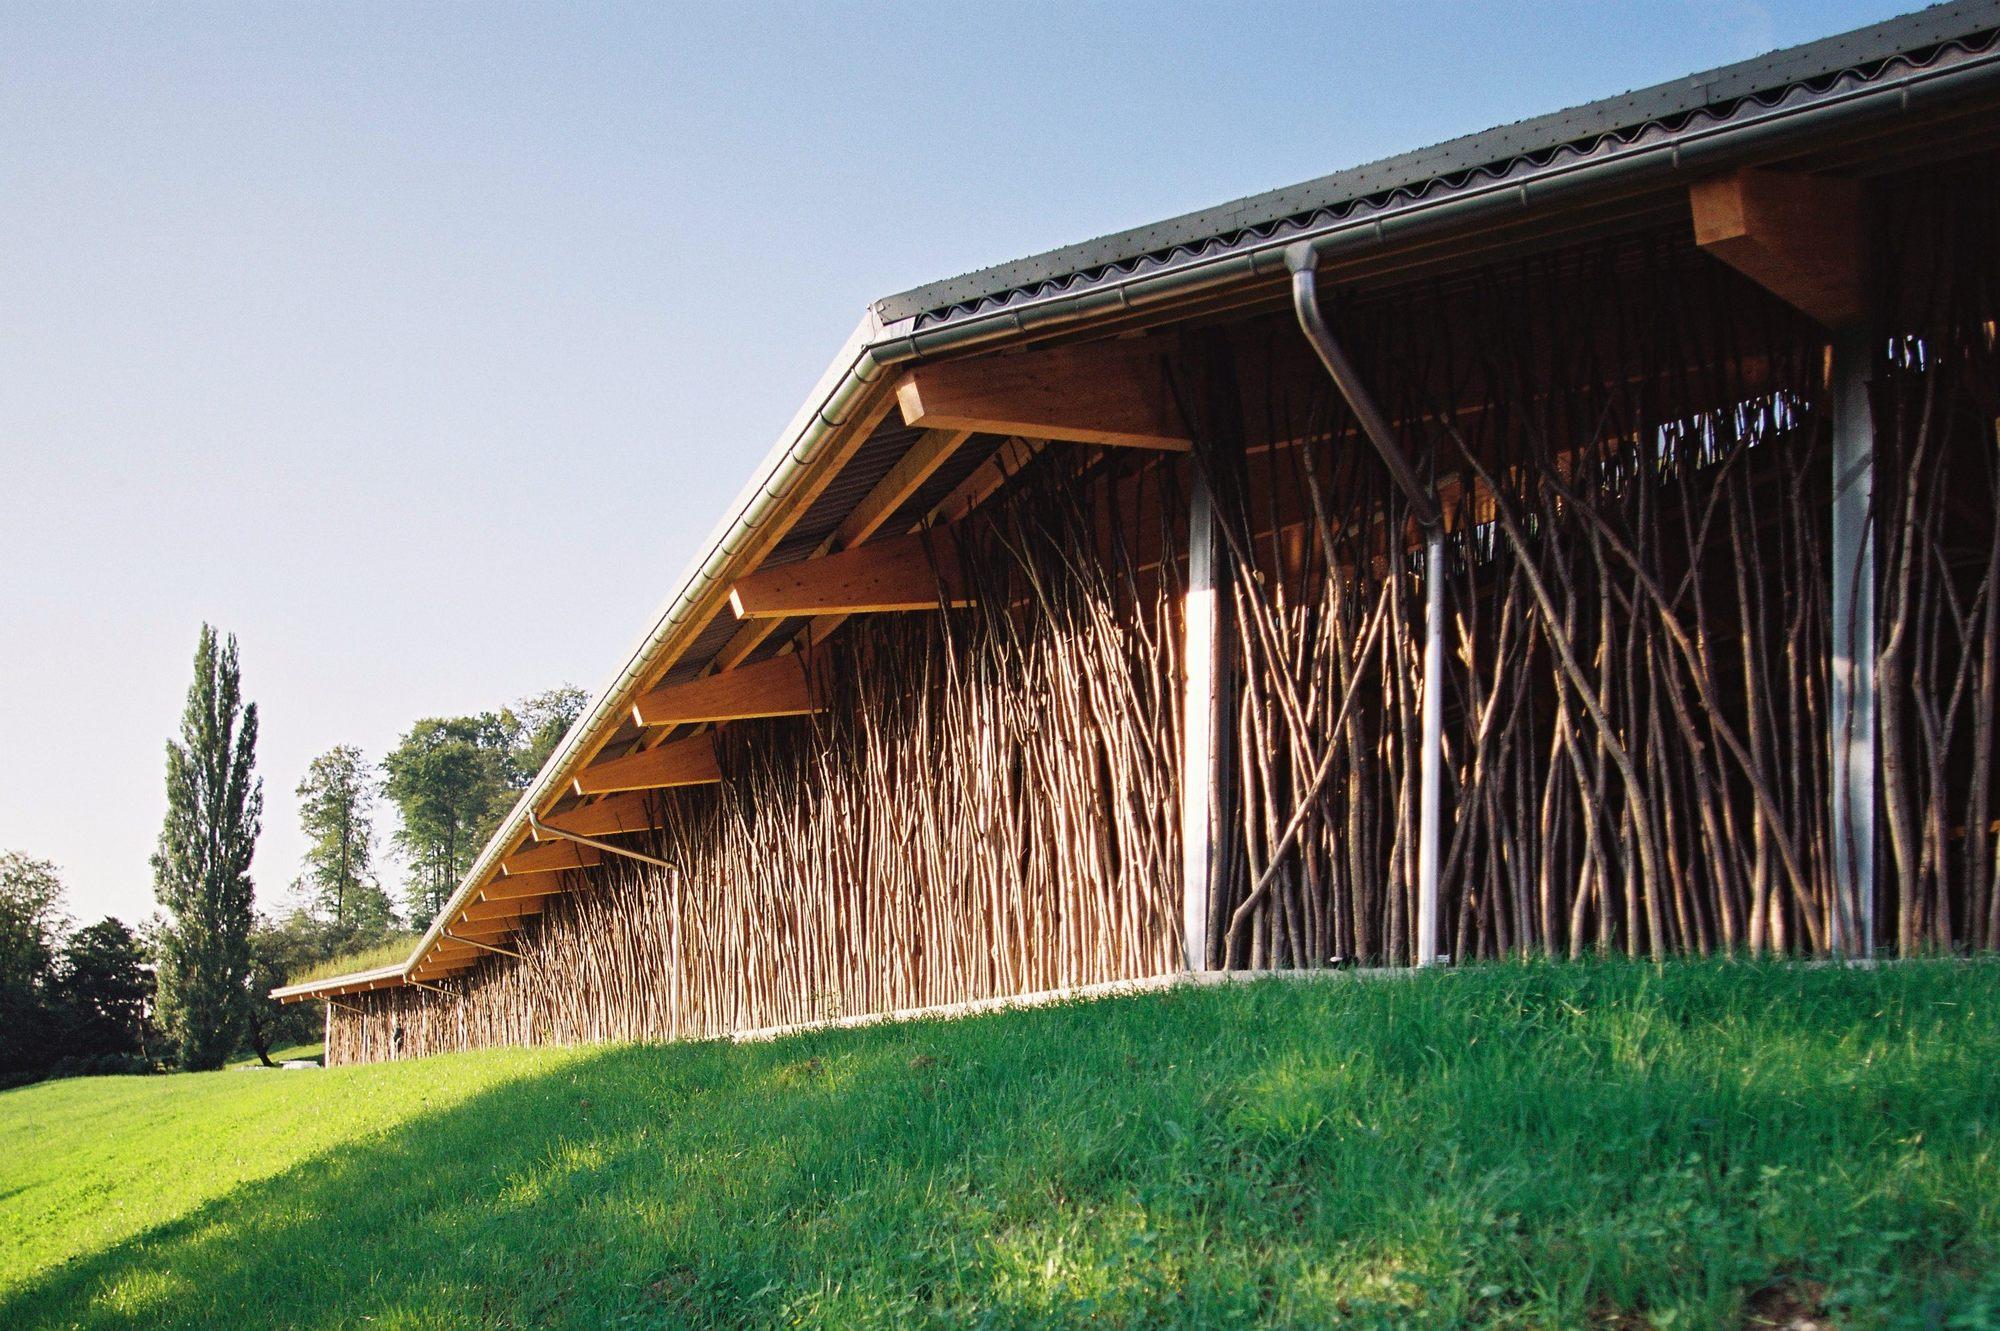 Cow Barn F A B Forschungs Und Architekturb 252 Ro